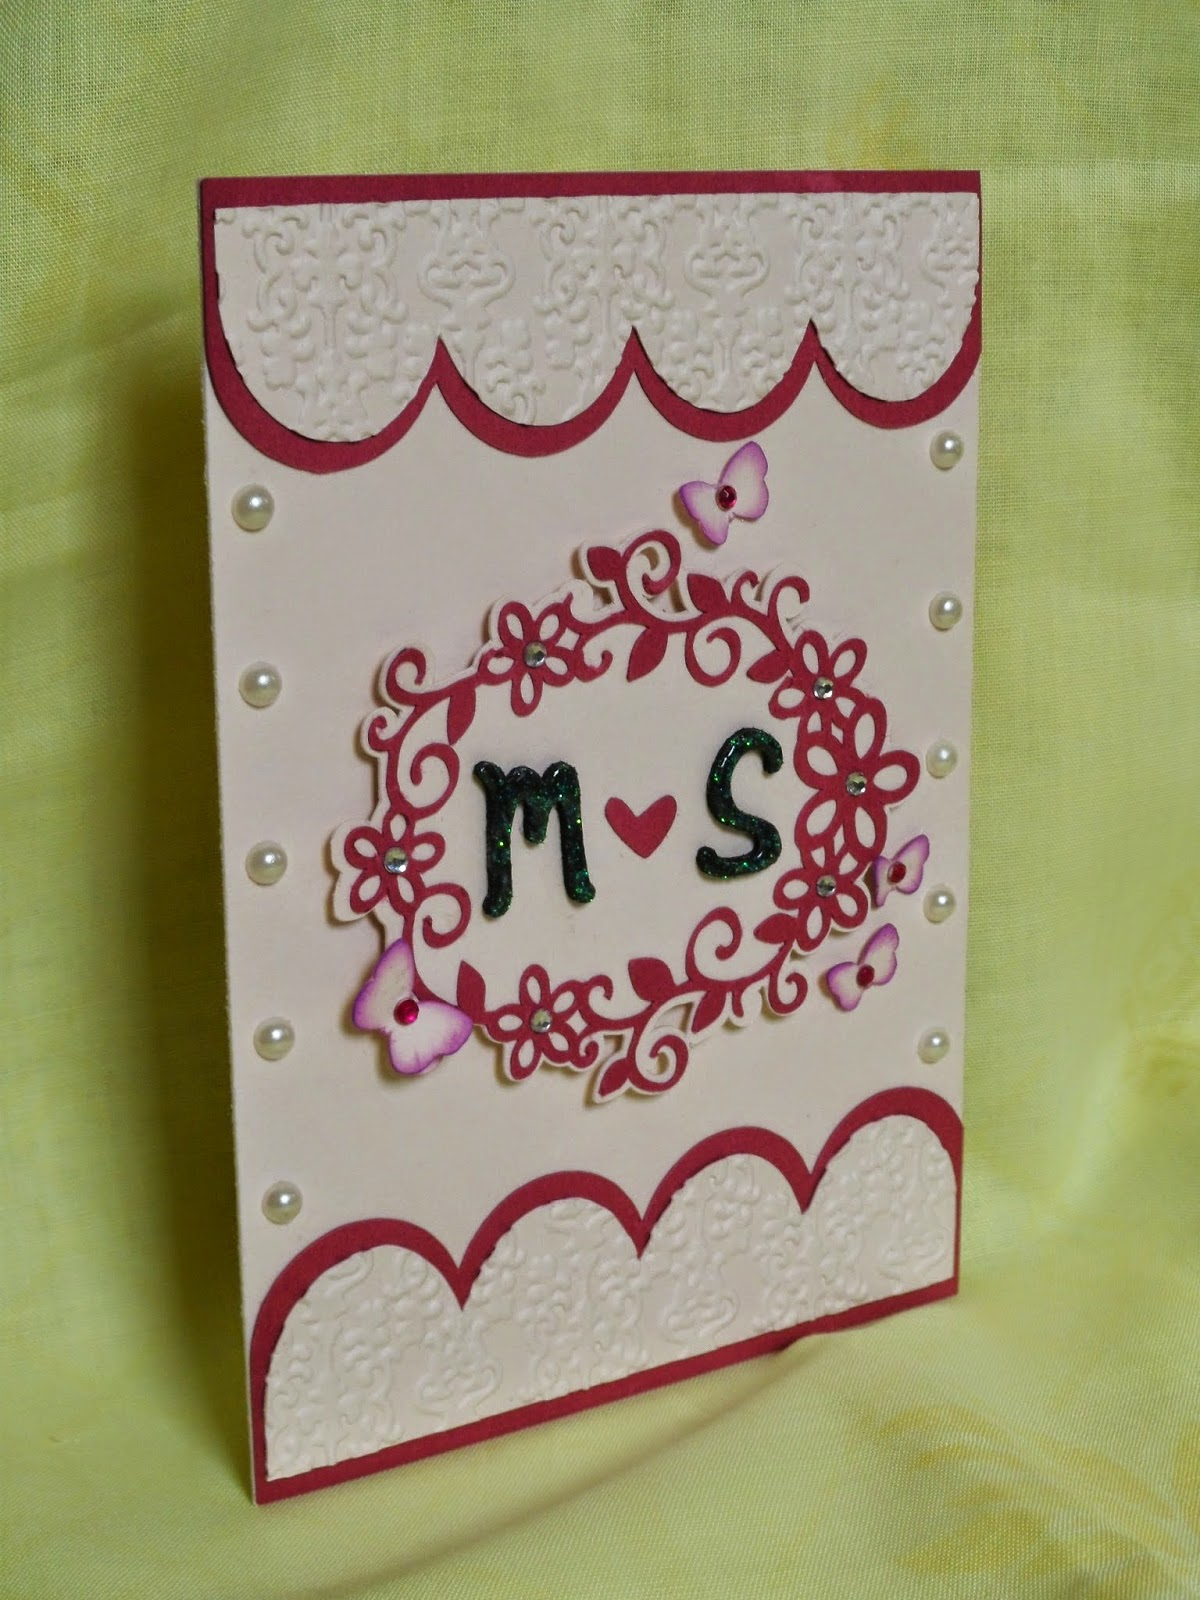 Matrimonio In Bordeaux : Chichi s scrap matrimonio in bordeaux rosa